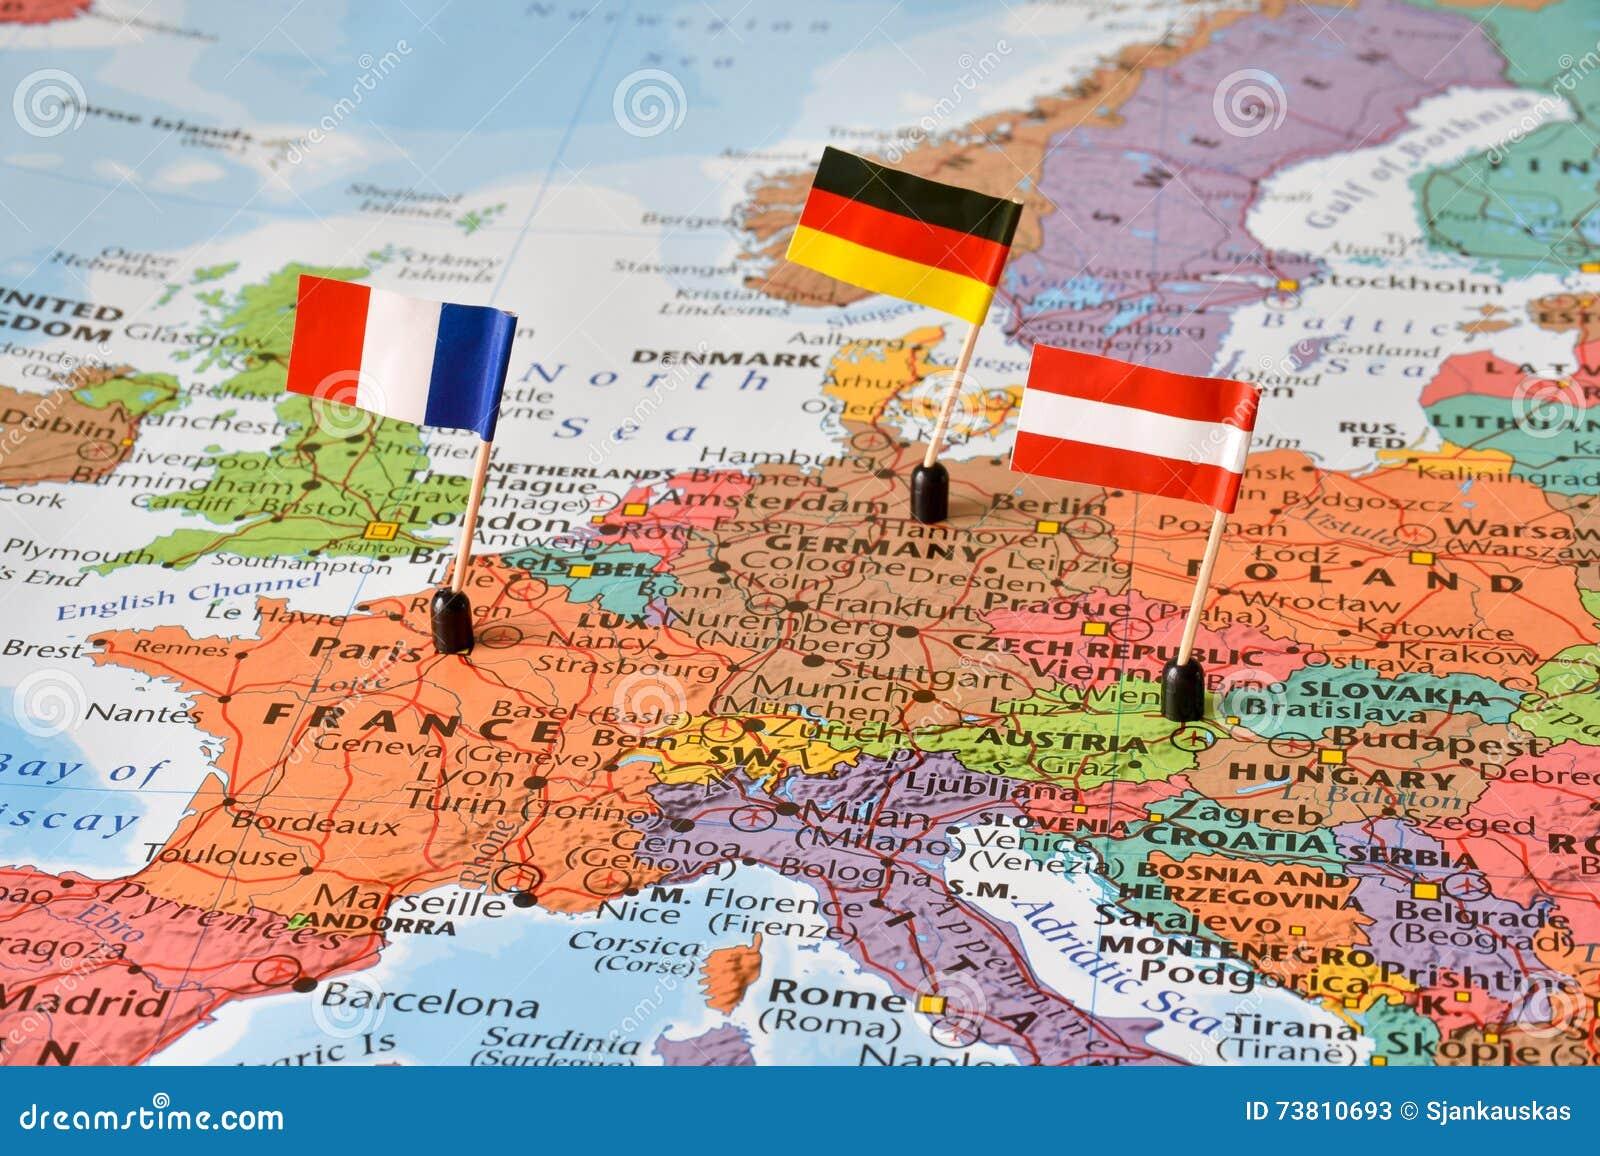 deutschland frankreich karte Karte Der Westeuropa Länder Deutschland, Frankreich, Österreich